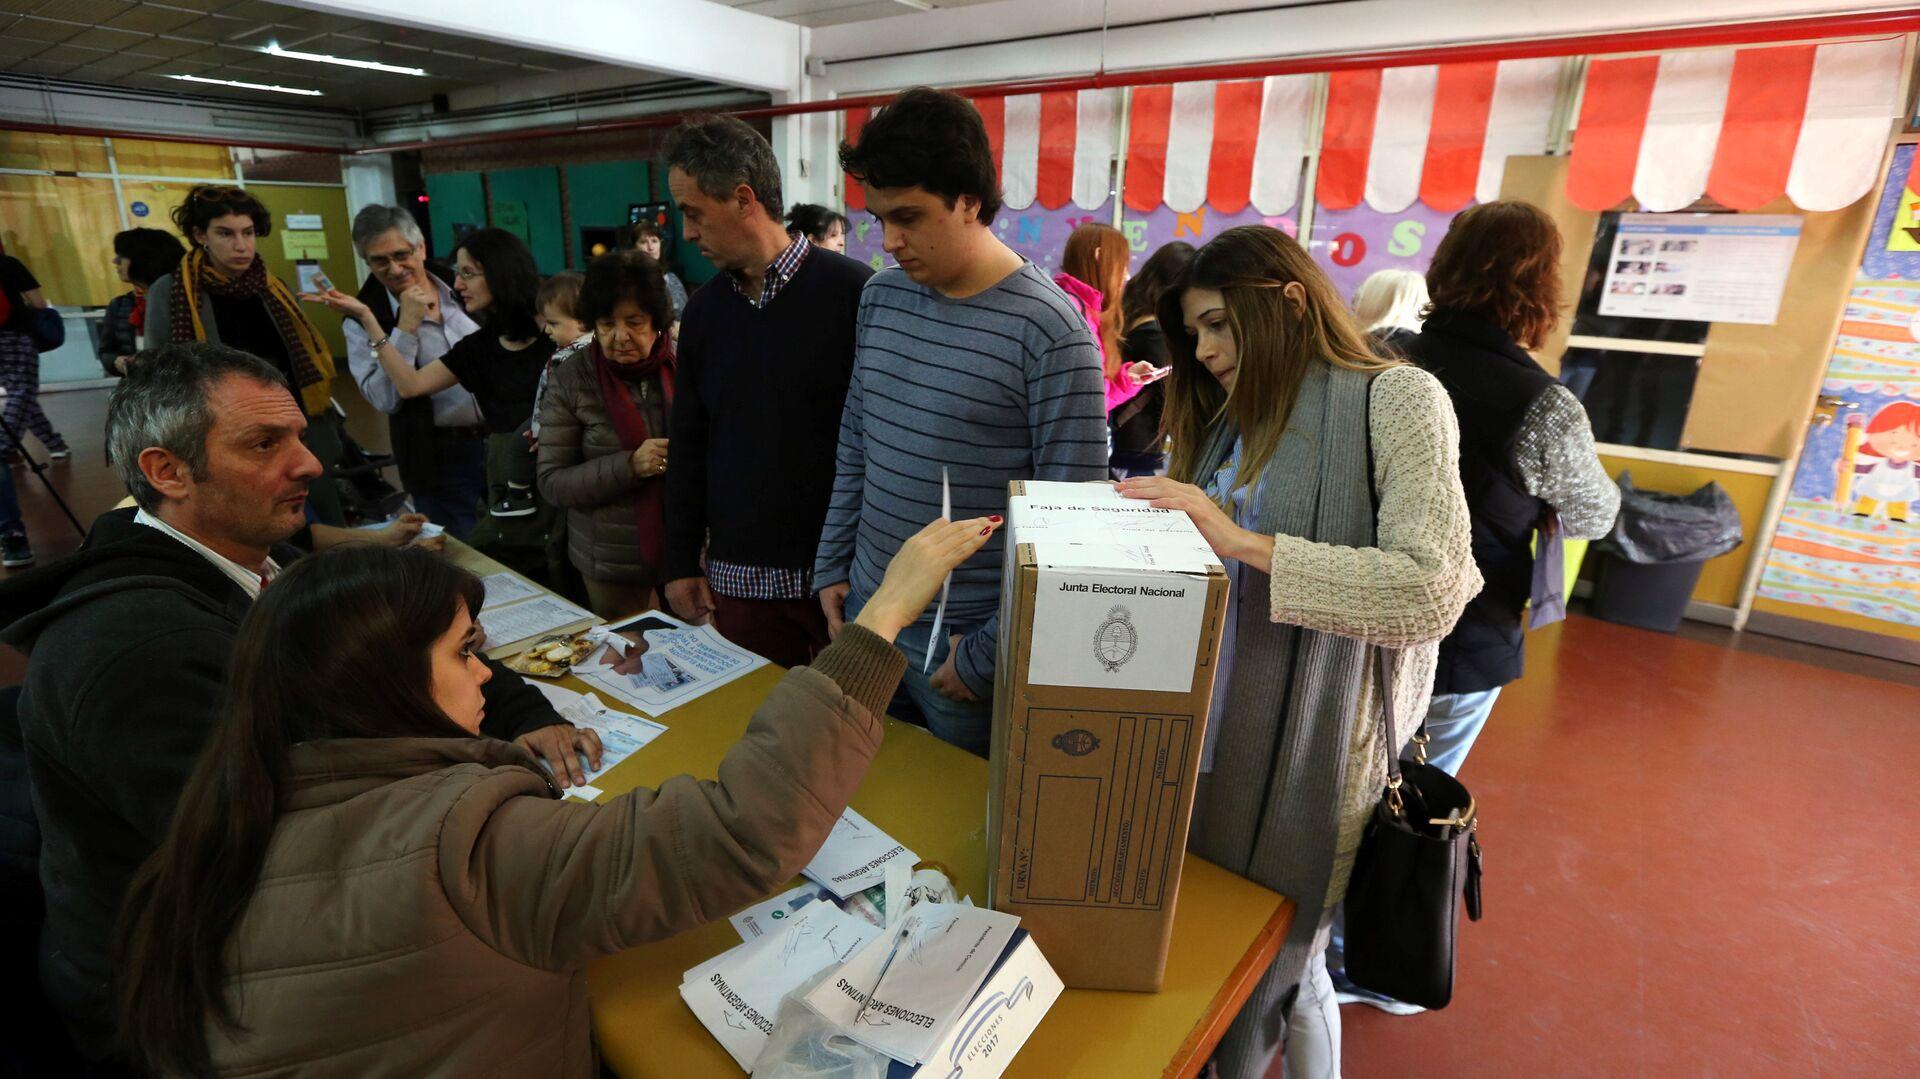 Los argentinos votan en las PASO en Buenos Aires, Argentina - Sputnik Mundo, 1920, 23.08.2021